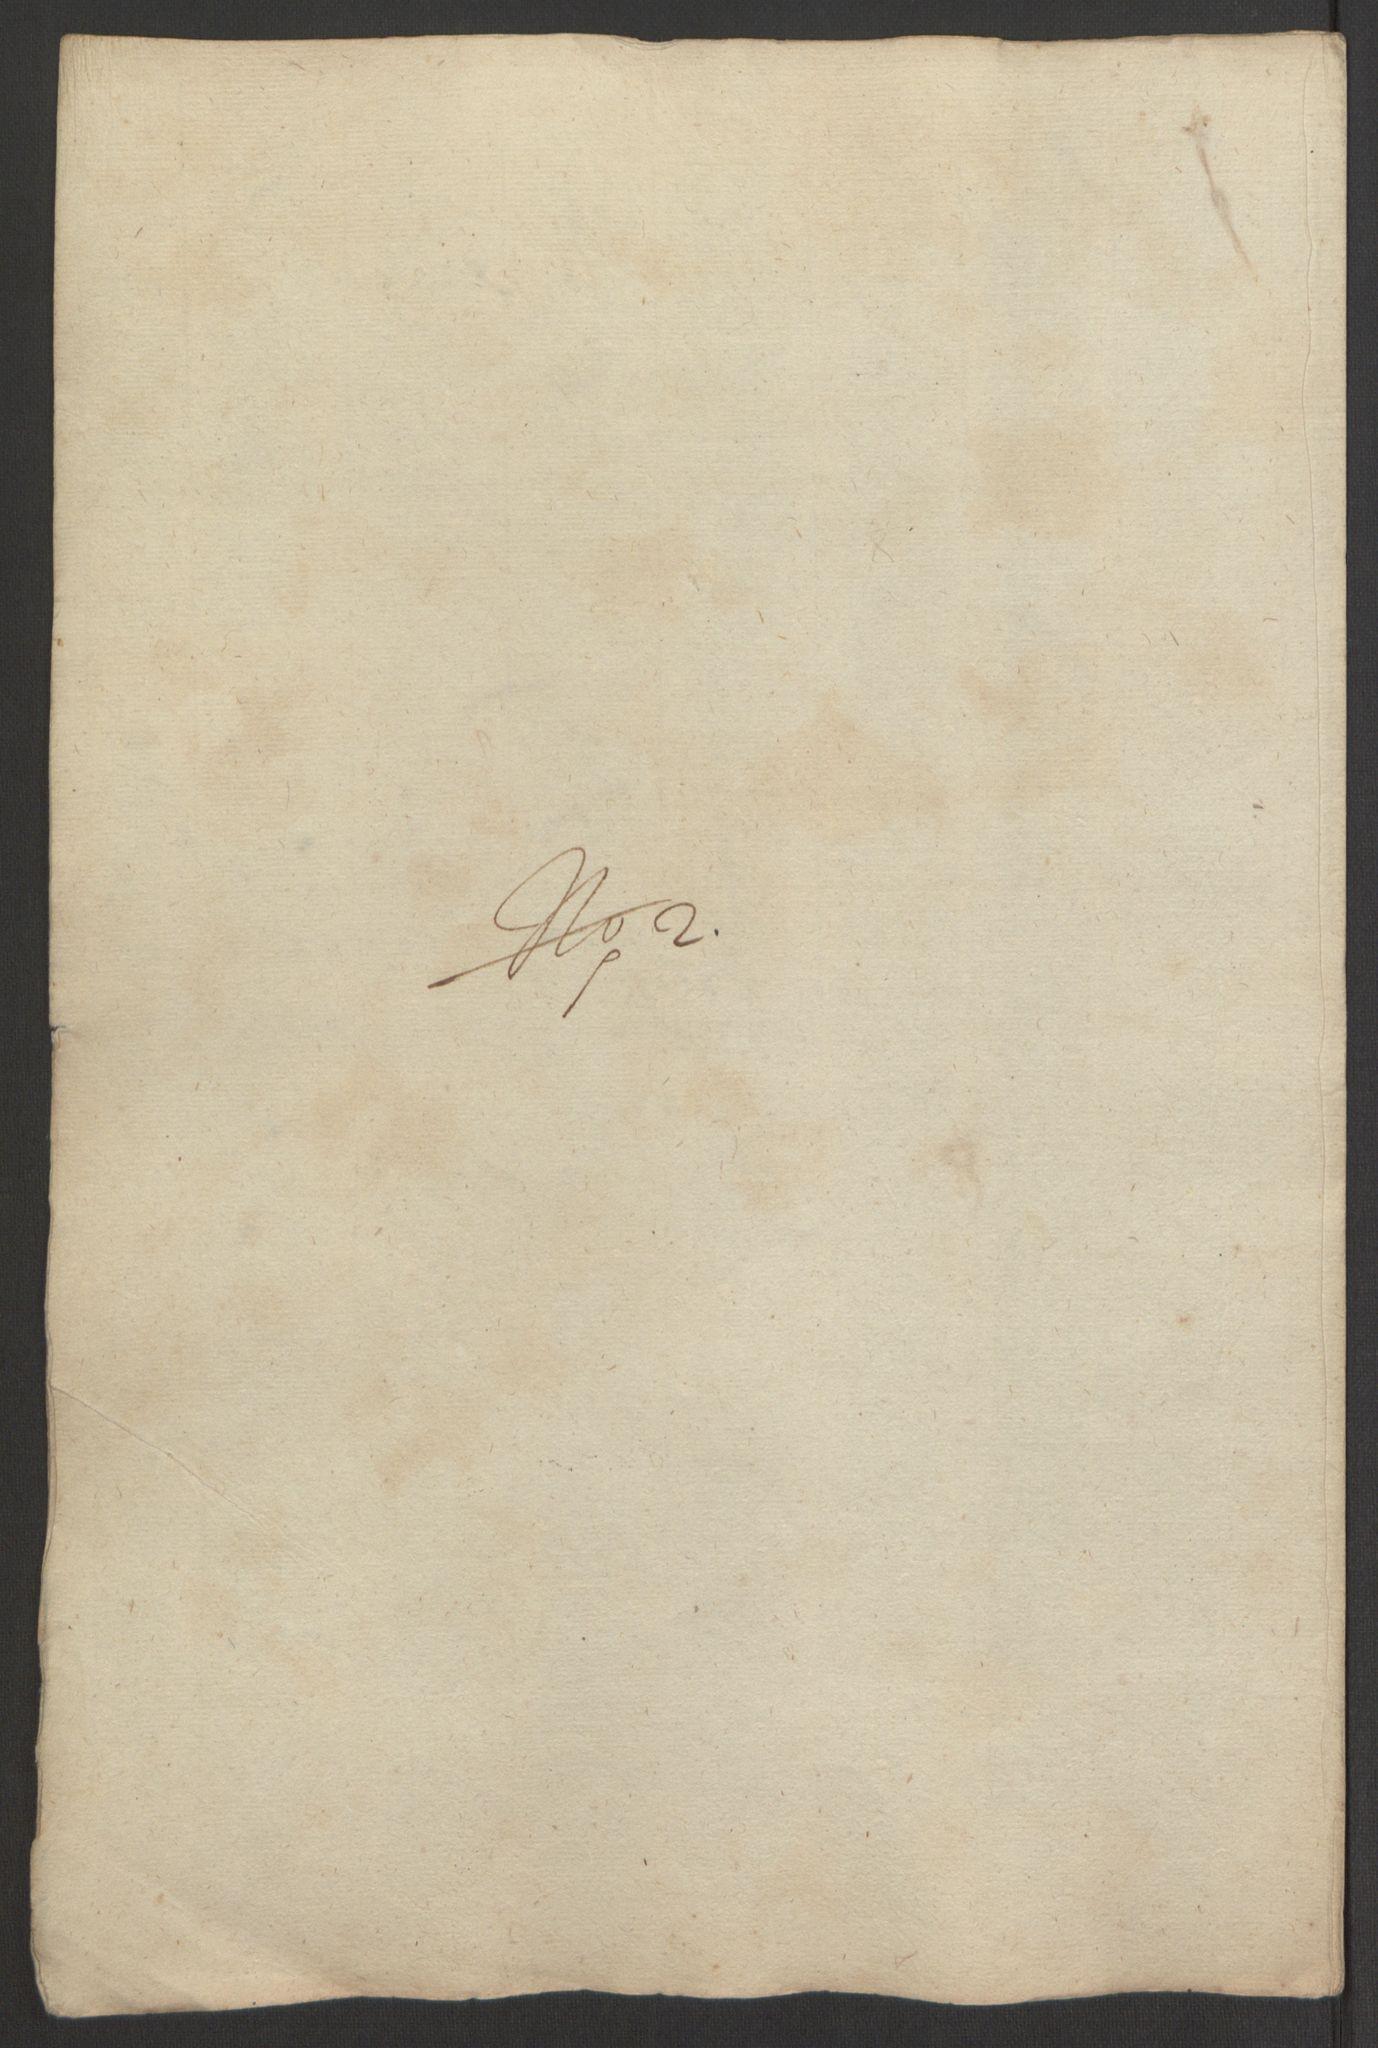 RA, Rentekammeret inntil 1814, Reviderte regnskaper, Fogderegnskap, R64/L4424: Fogderegnskap Namdal, 1692-1695, s. 315